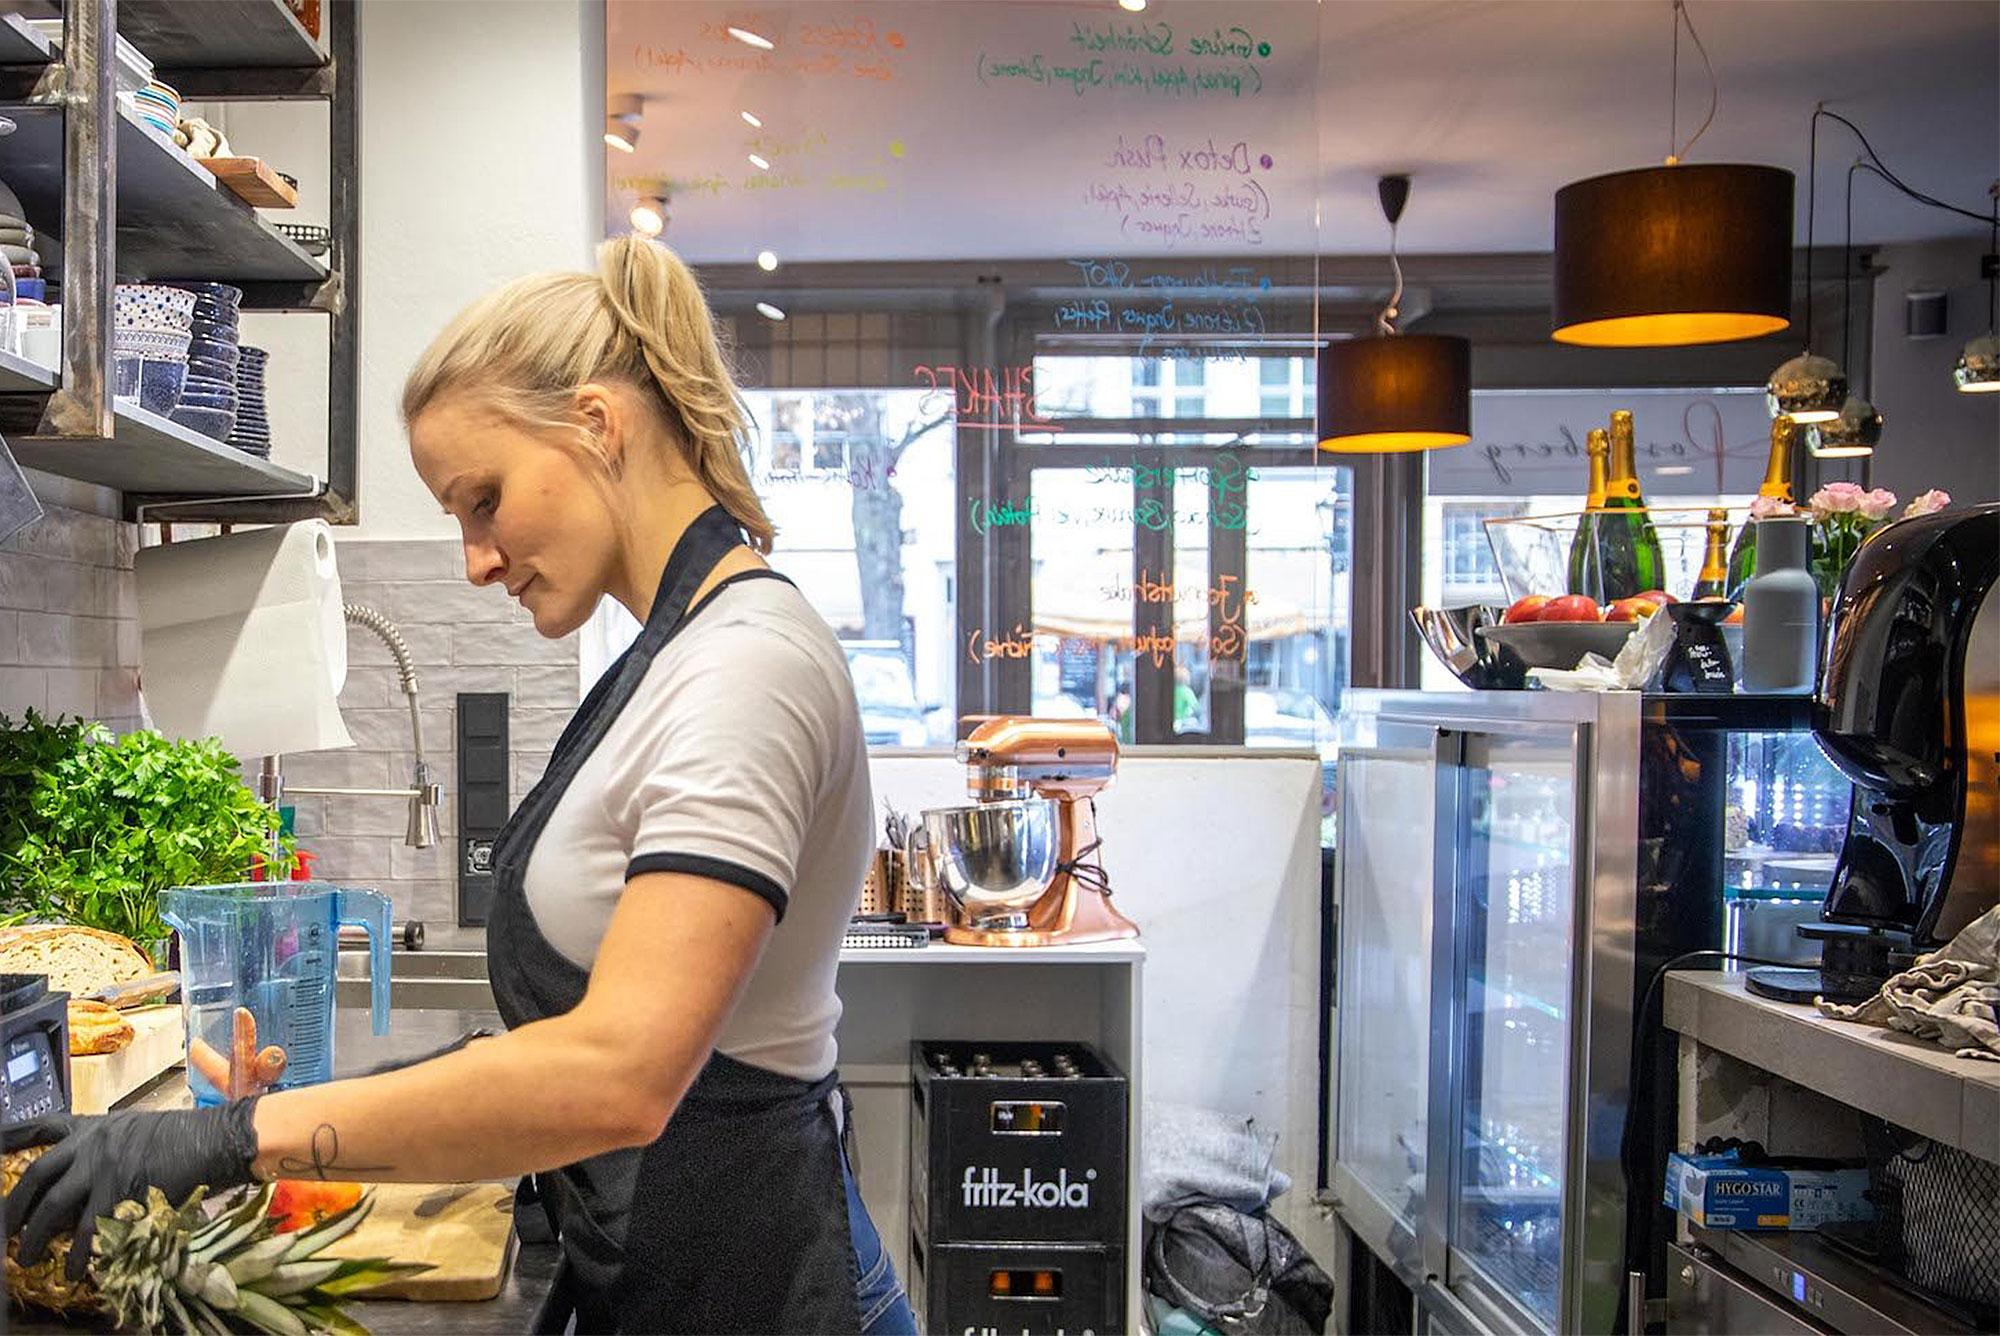 Das Café Rosenberg ist das erste vegane Café in Potsdam